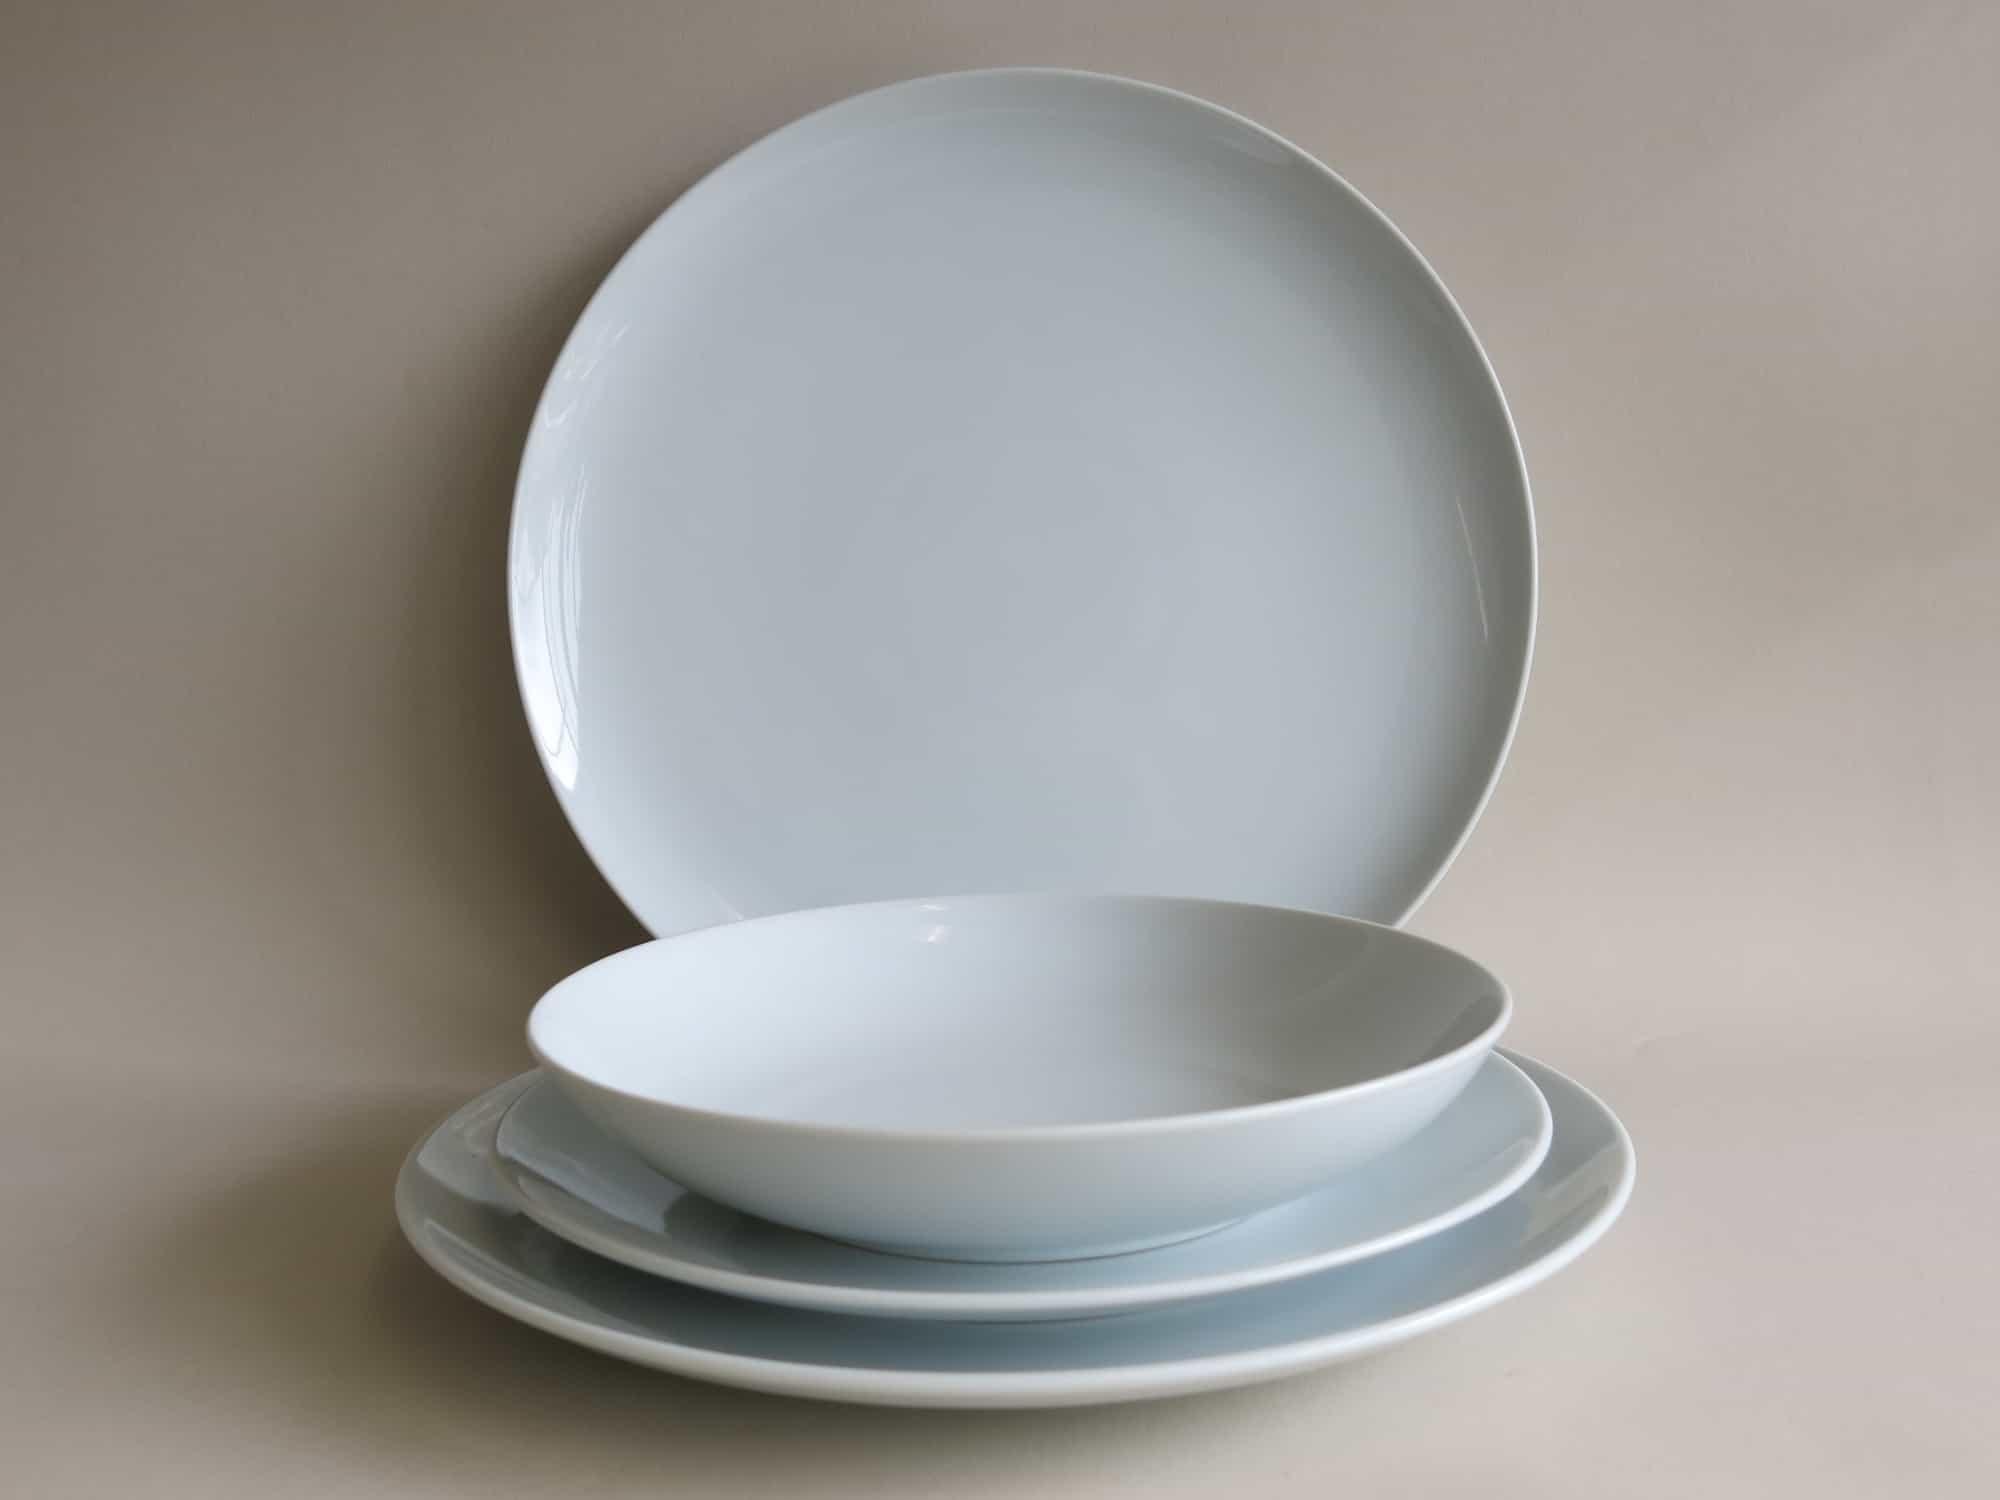 Ess und Suppenteller Ole weiß aus Porzellan.